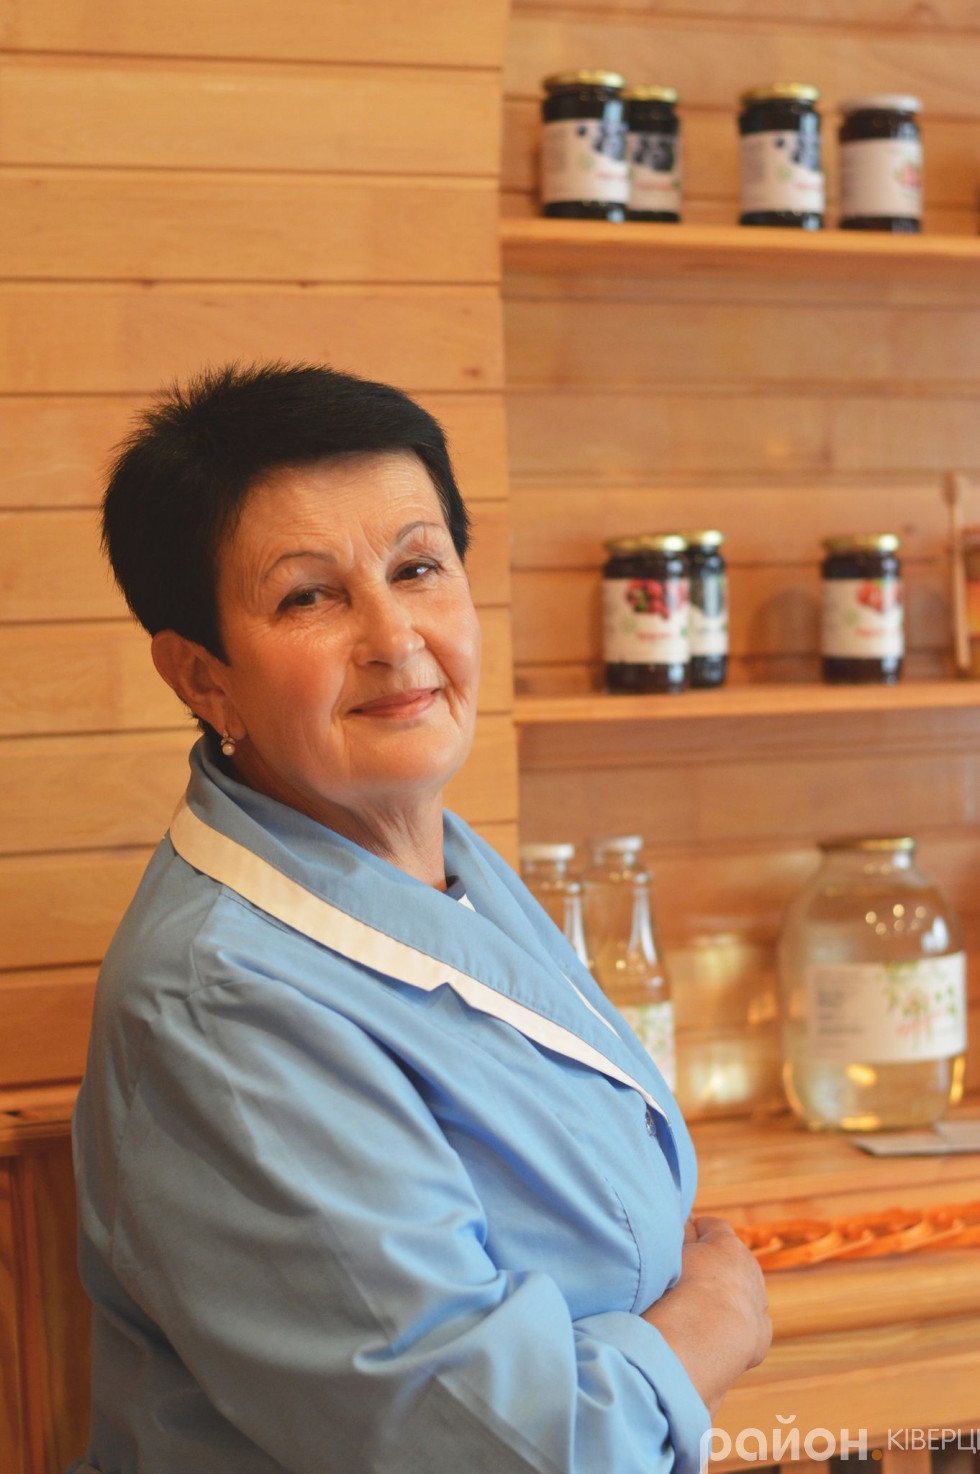 Валентина Романюк опікується великою кількістю процесів